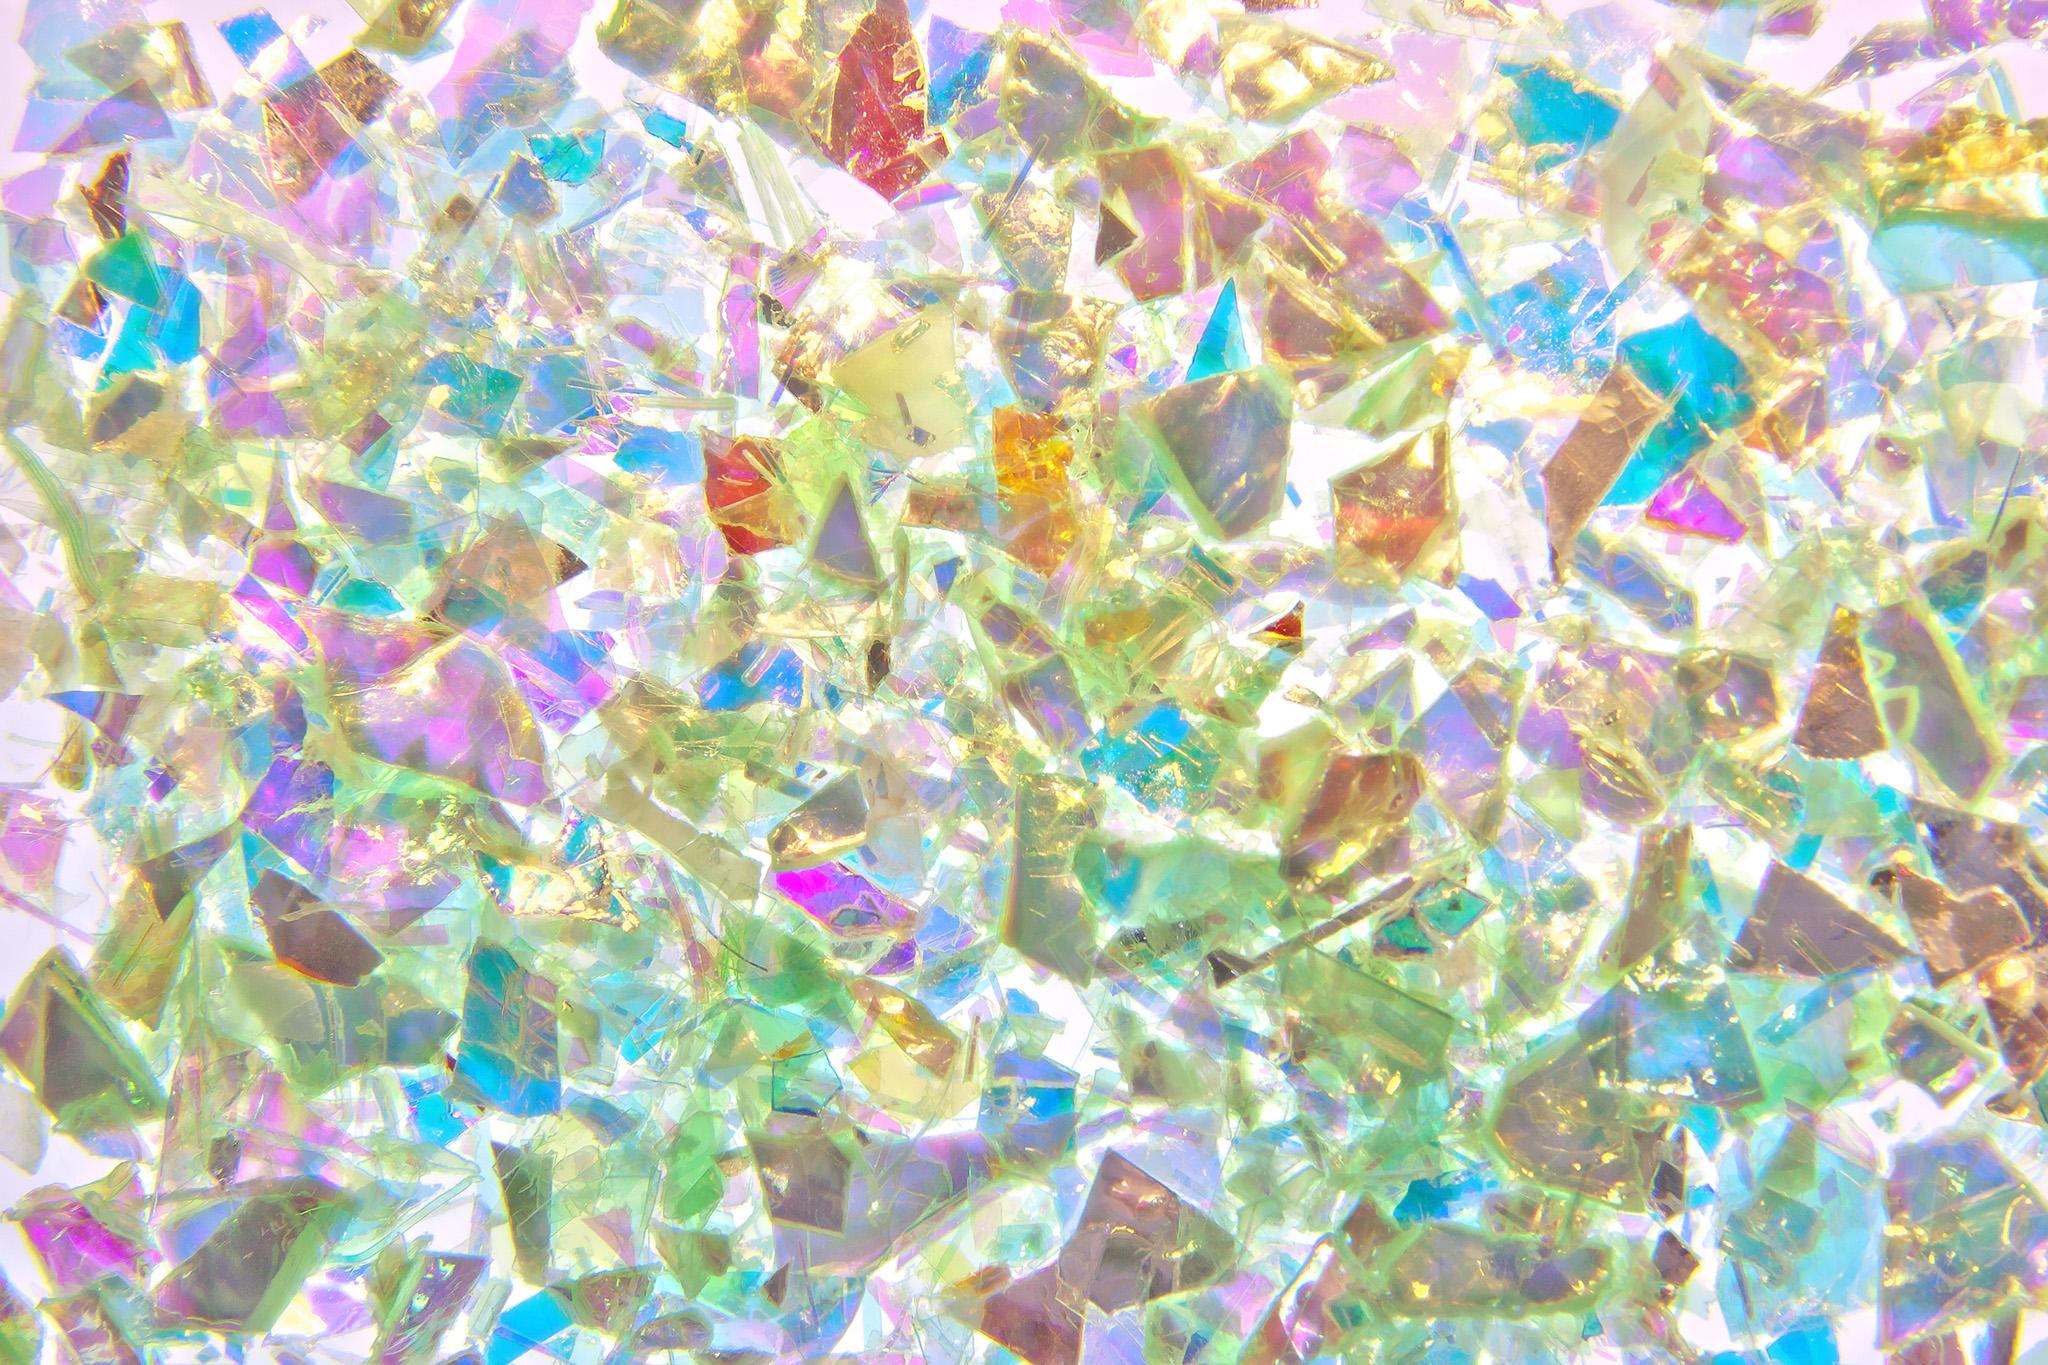 「色鮮やかな光の集合体」